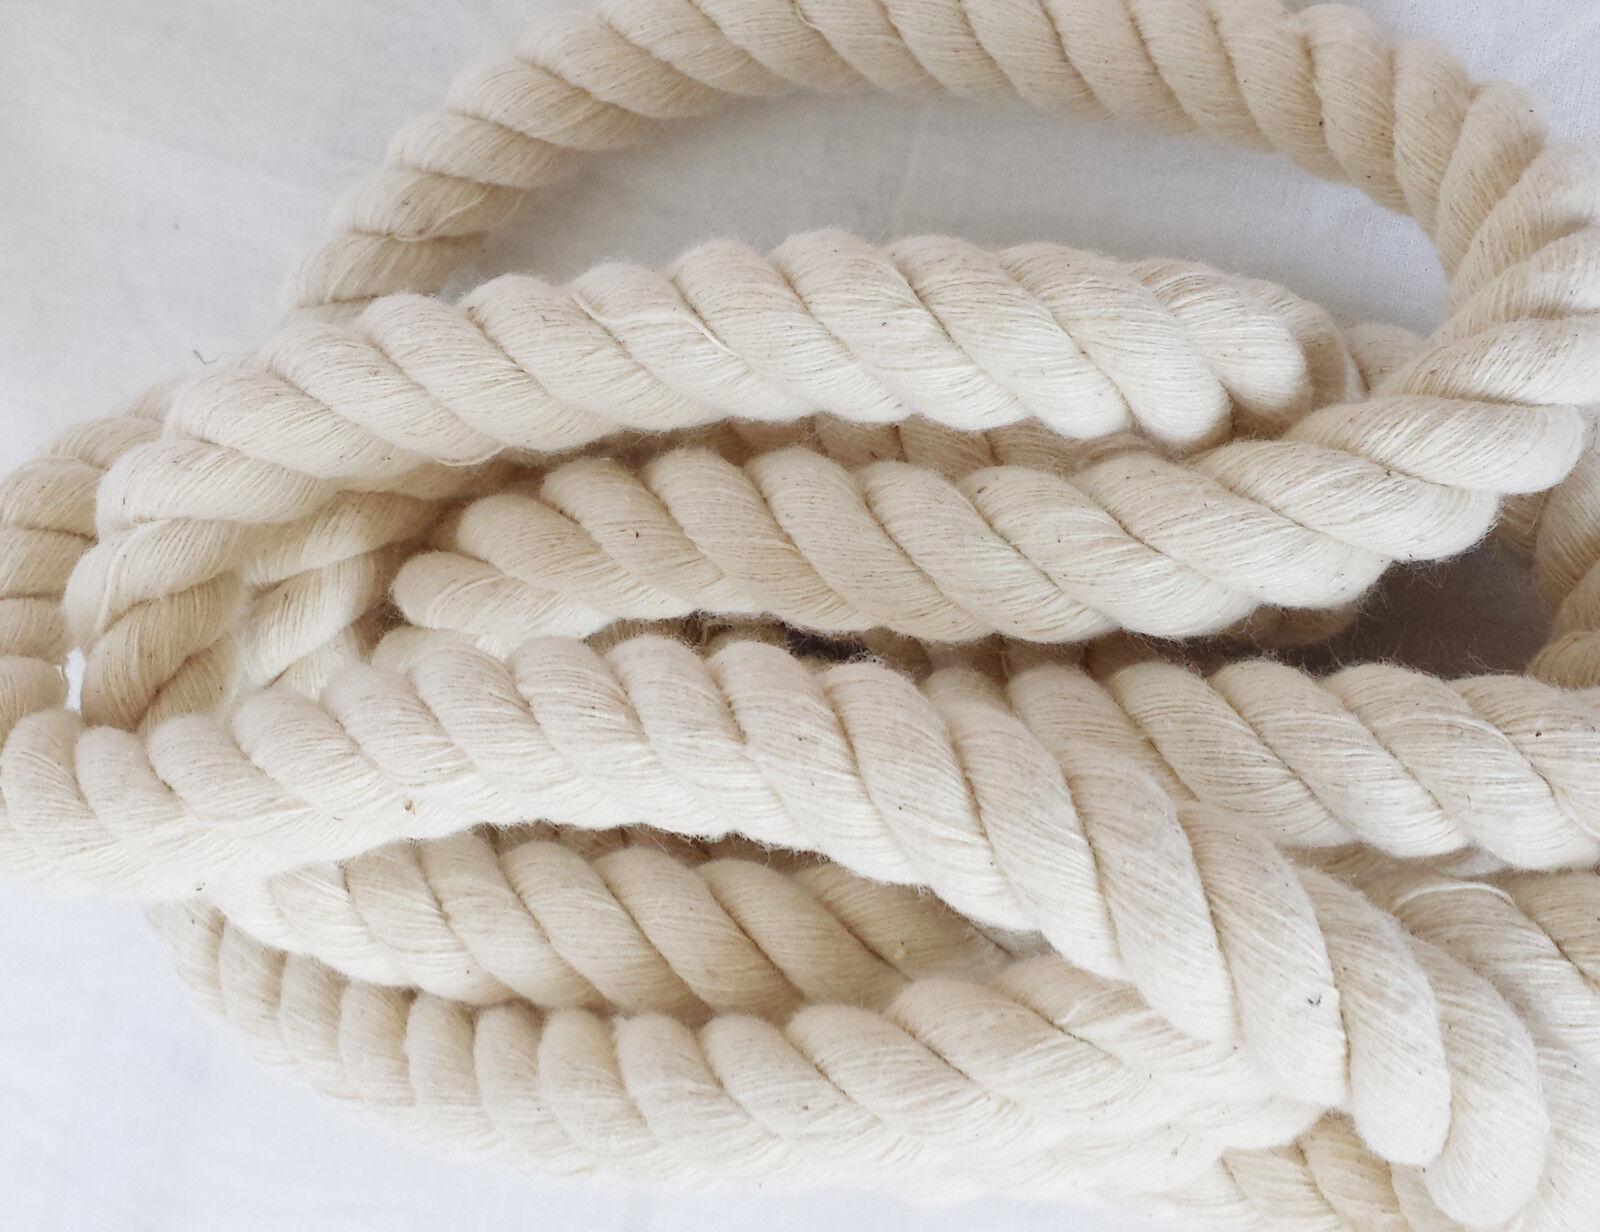 18mm Natürlich 100% Baumwolle Verdreht Gewichtsschnur Gewichtsschnur Gewichtsschnur Kratzer Fischer Schlingen bf8b98